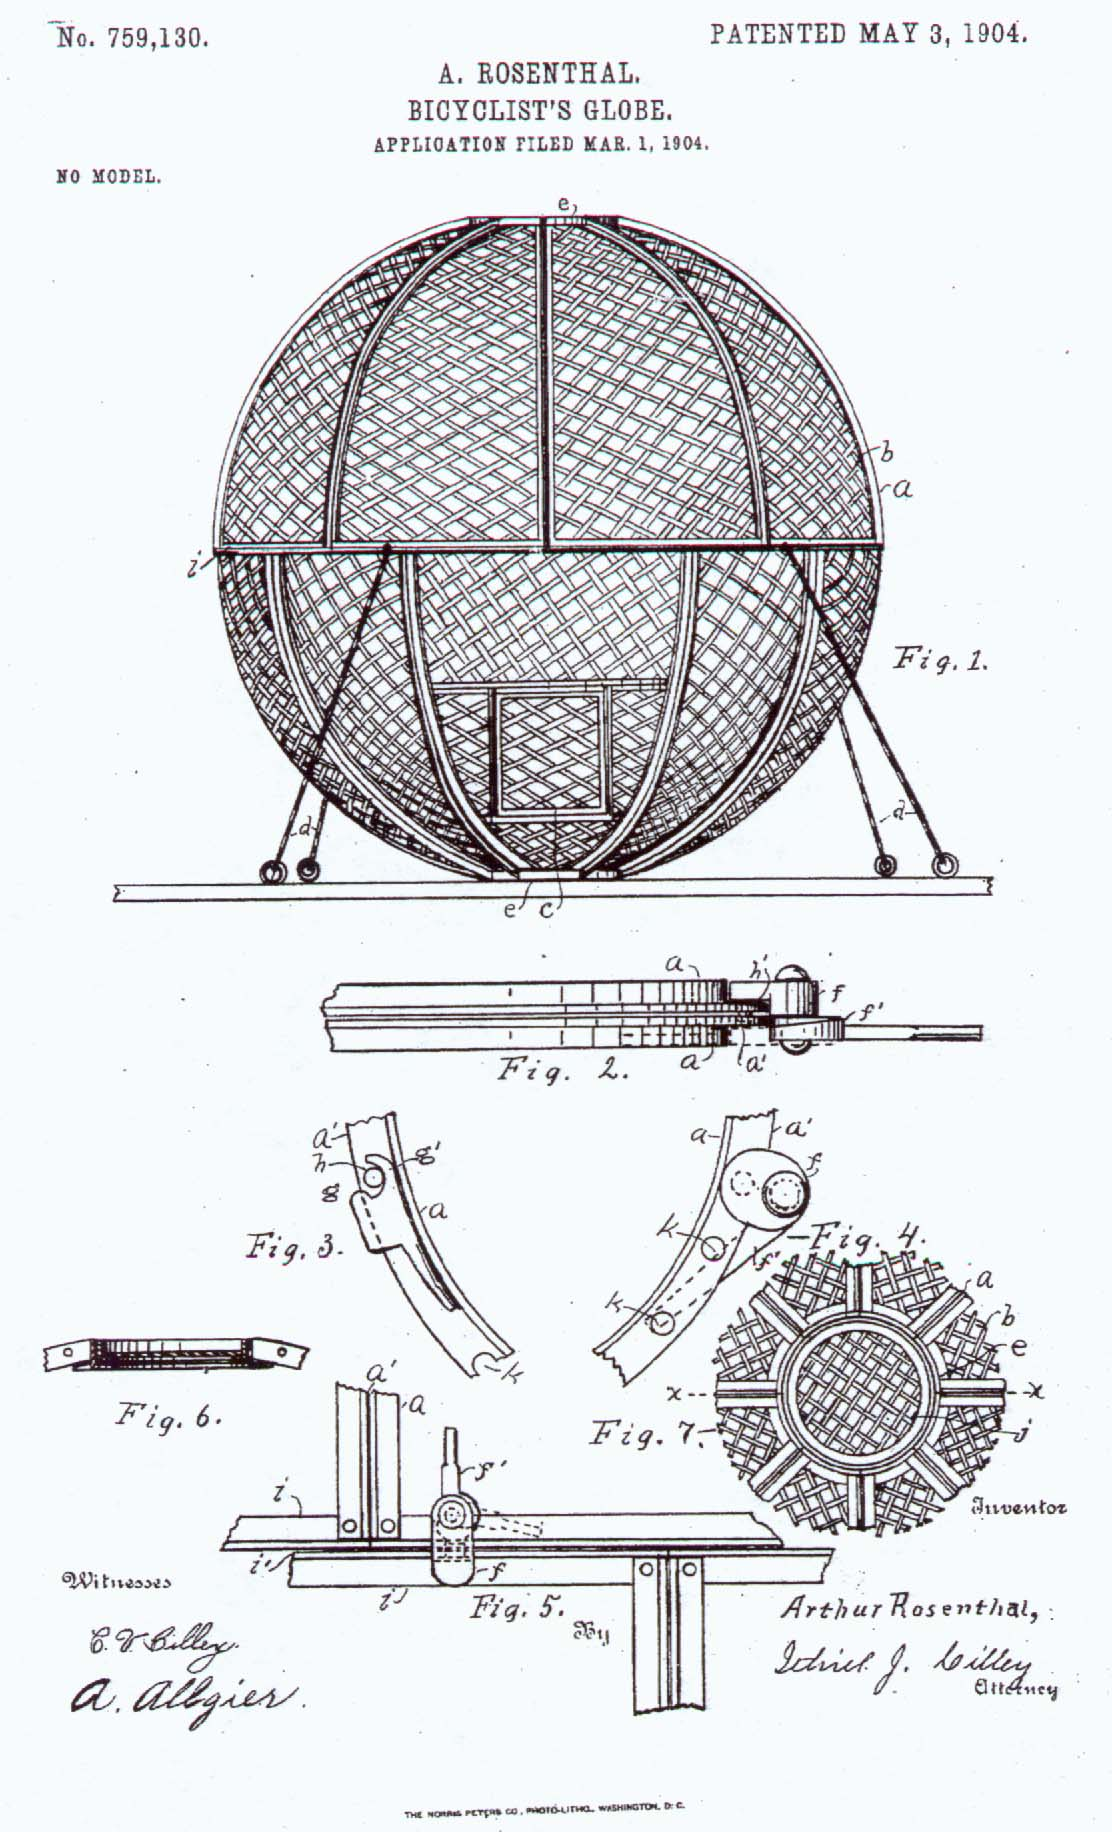 Original Patent Submission